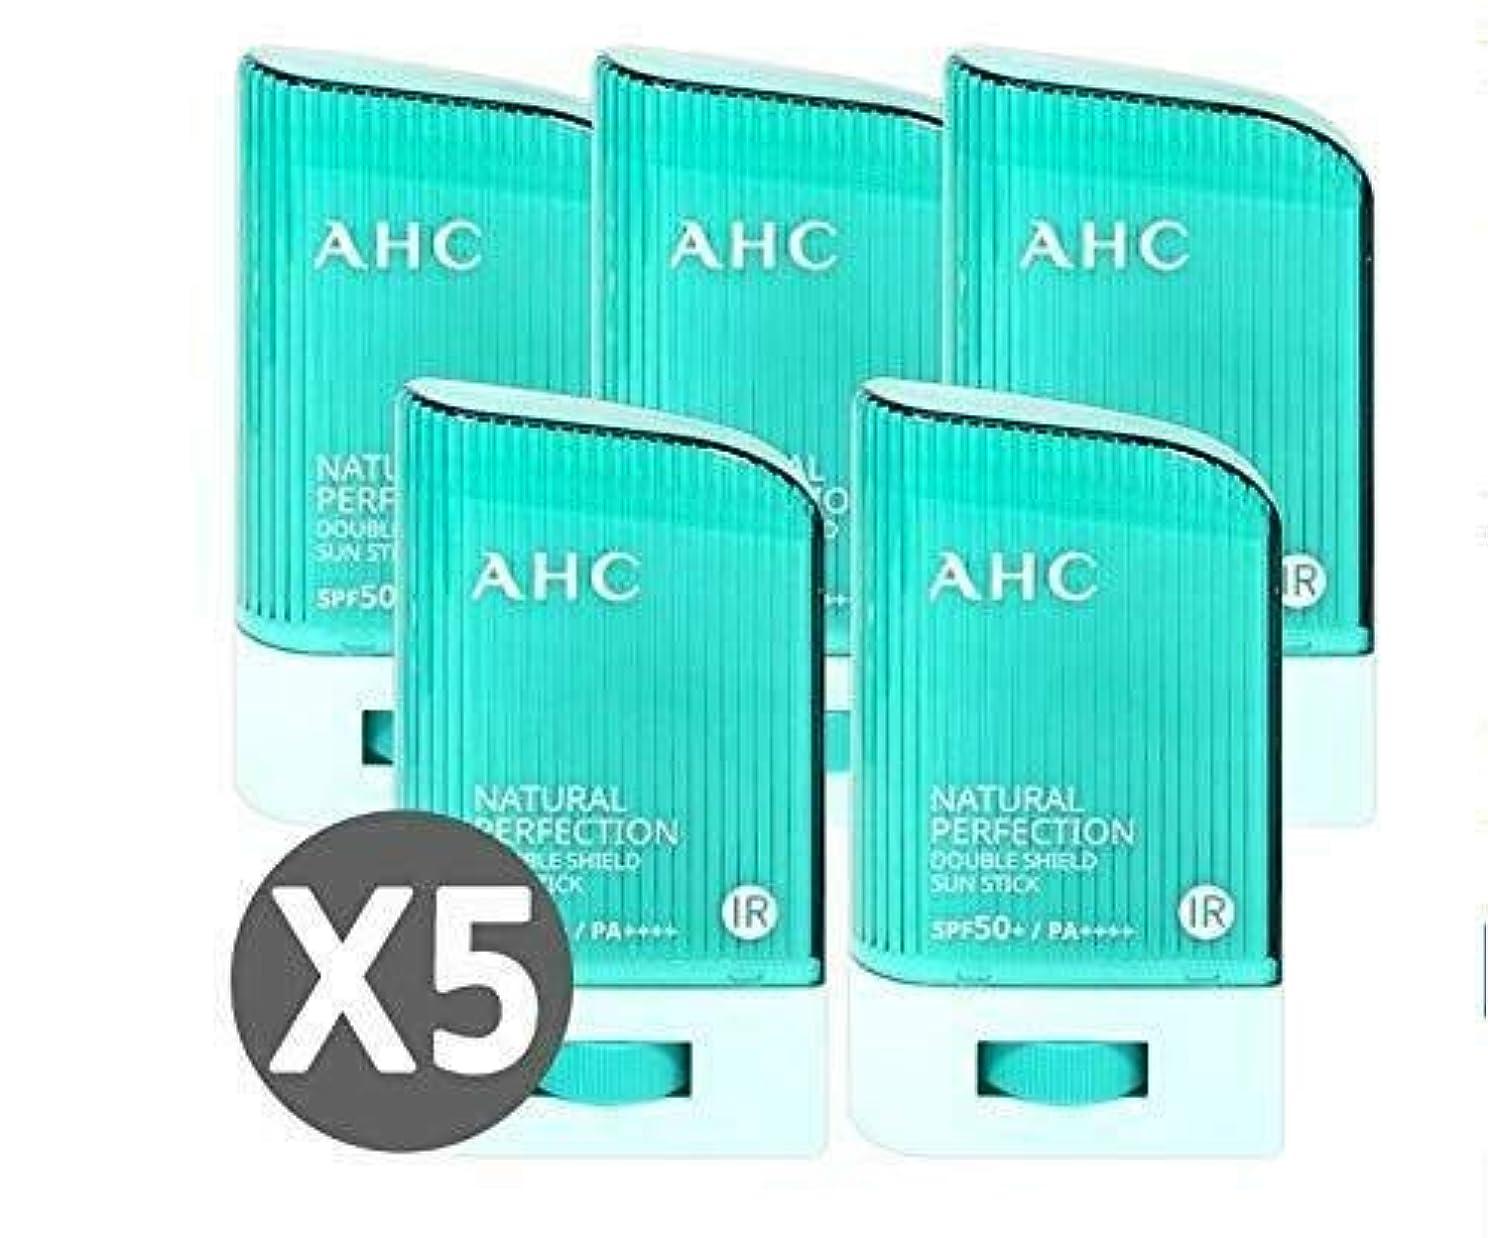 富可能にする不利益[ 5個セット ] AHC ナチュラルパーフェクションダブルシールドサンスティック 22g, Natural Perfection Double Shield Sun Stick SPF50+ PA++++